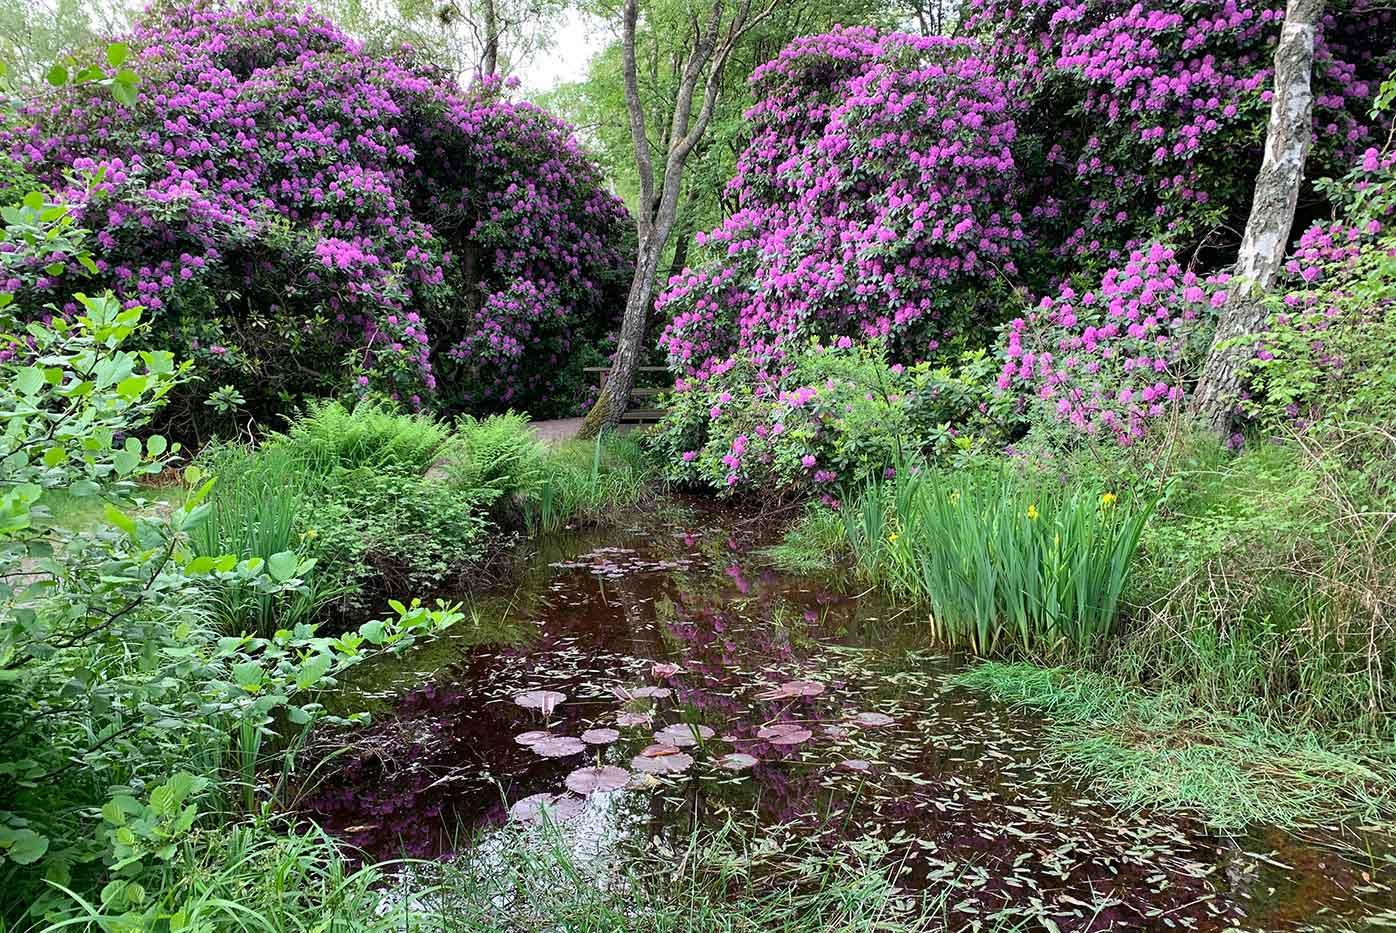 Damm vid blommande rhododendronbuskar i park Halmstad